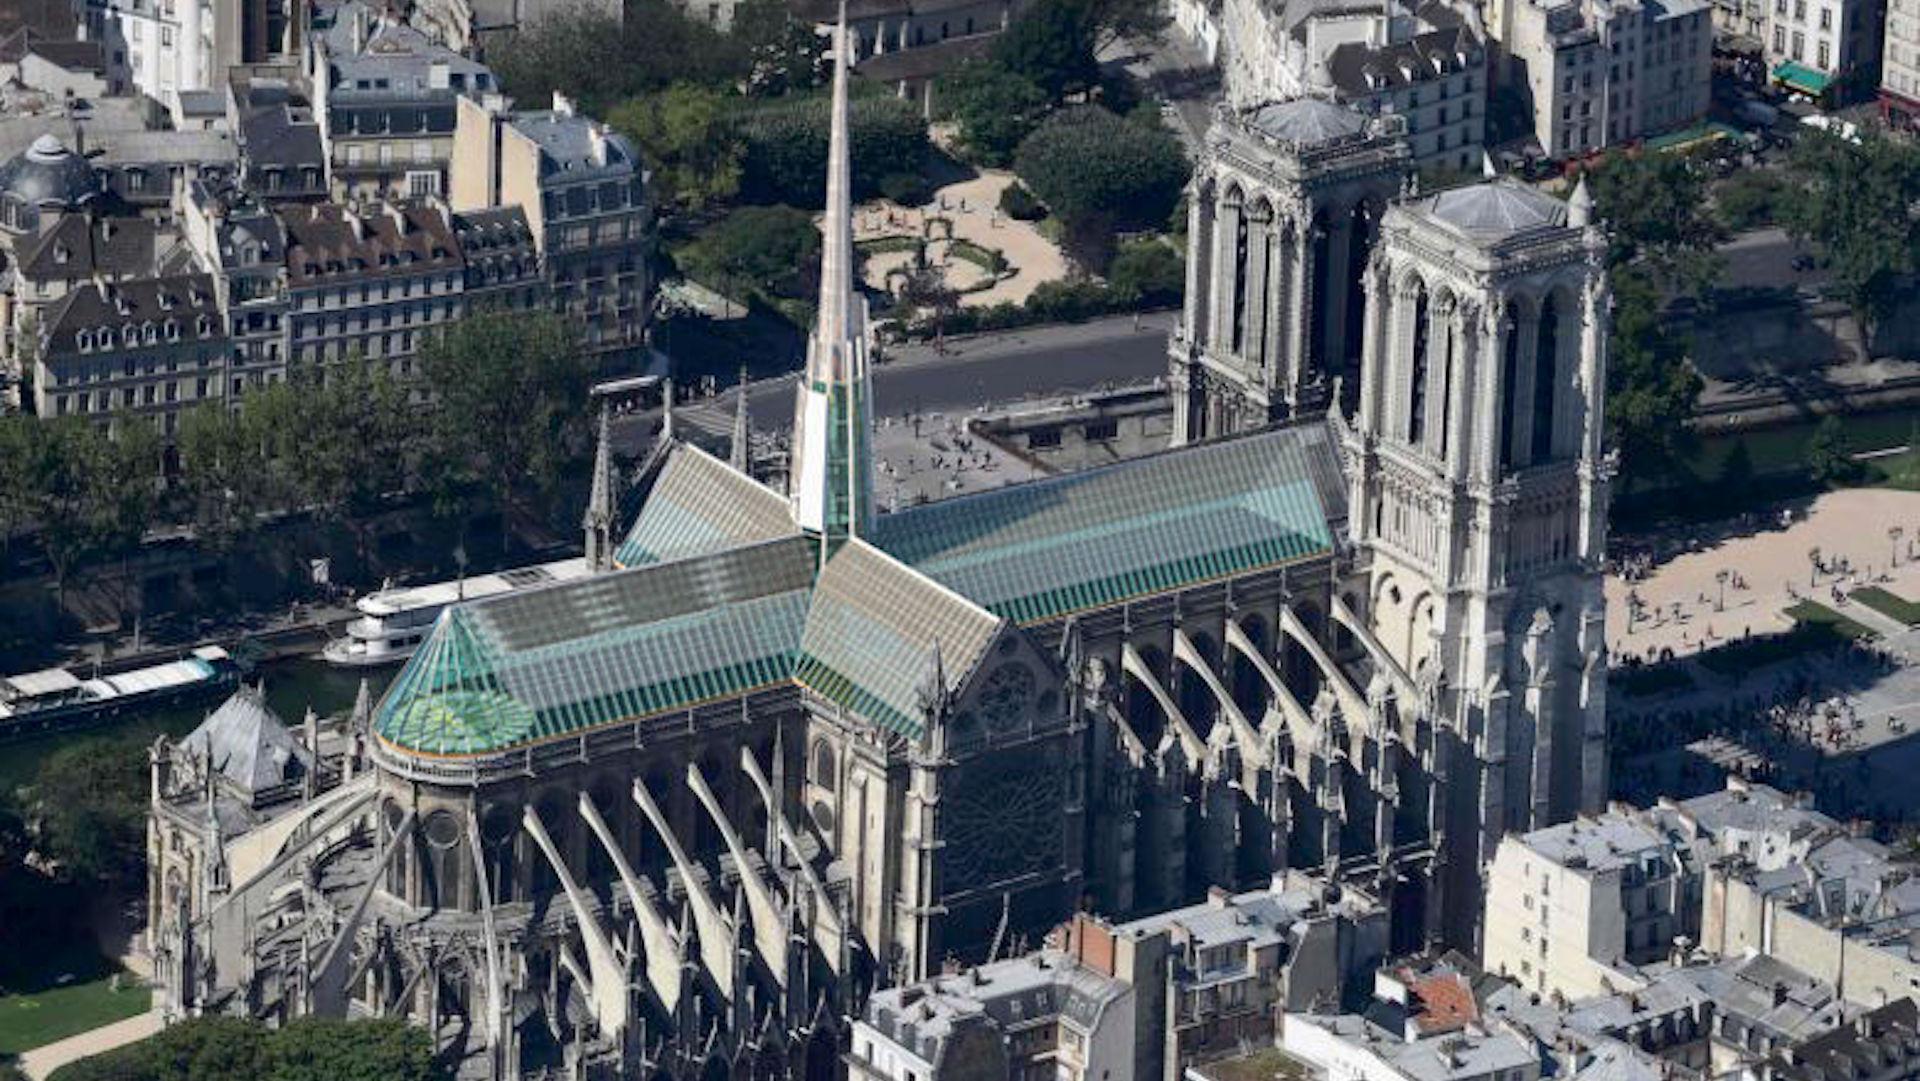 Un arquitecto venezolano ganó un concurso para reconstruir Notre Dame